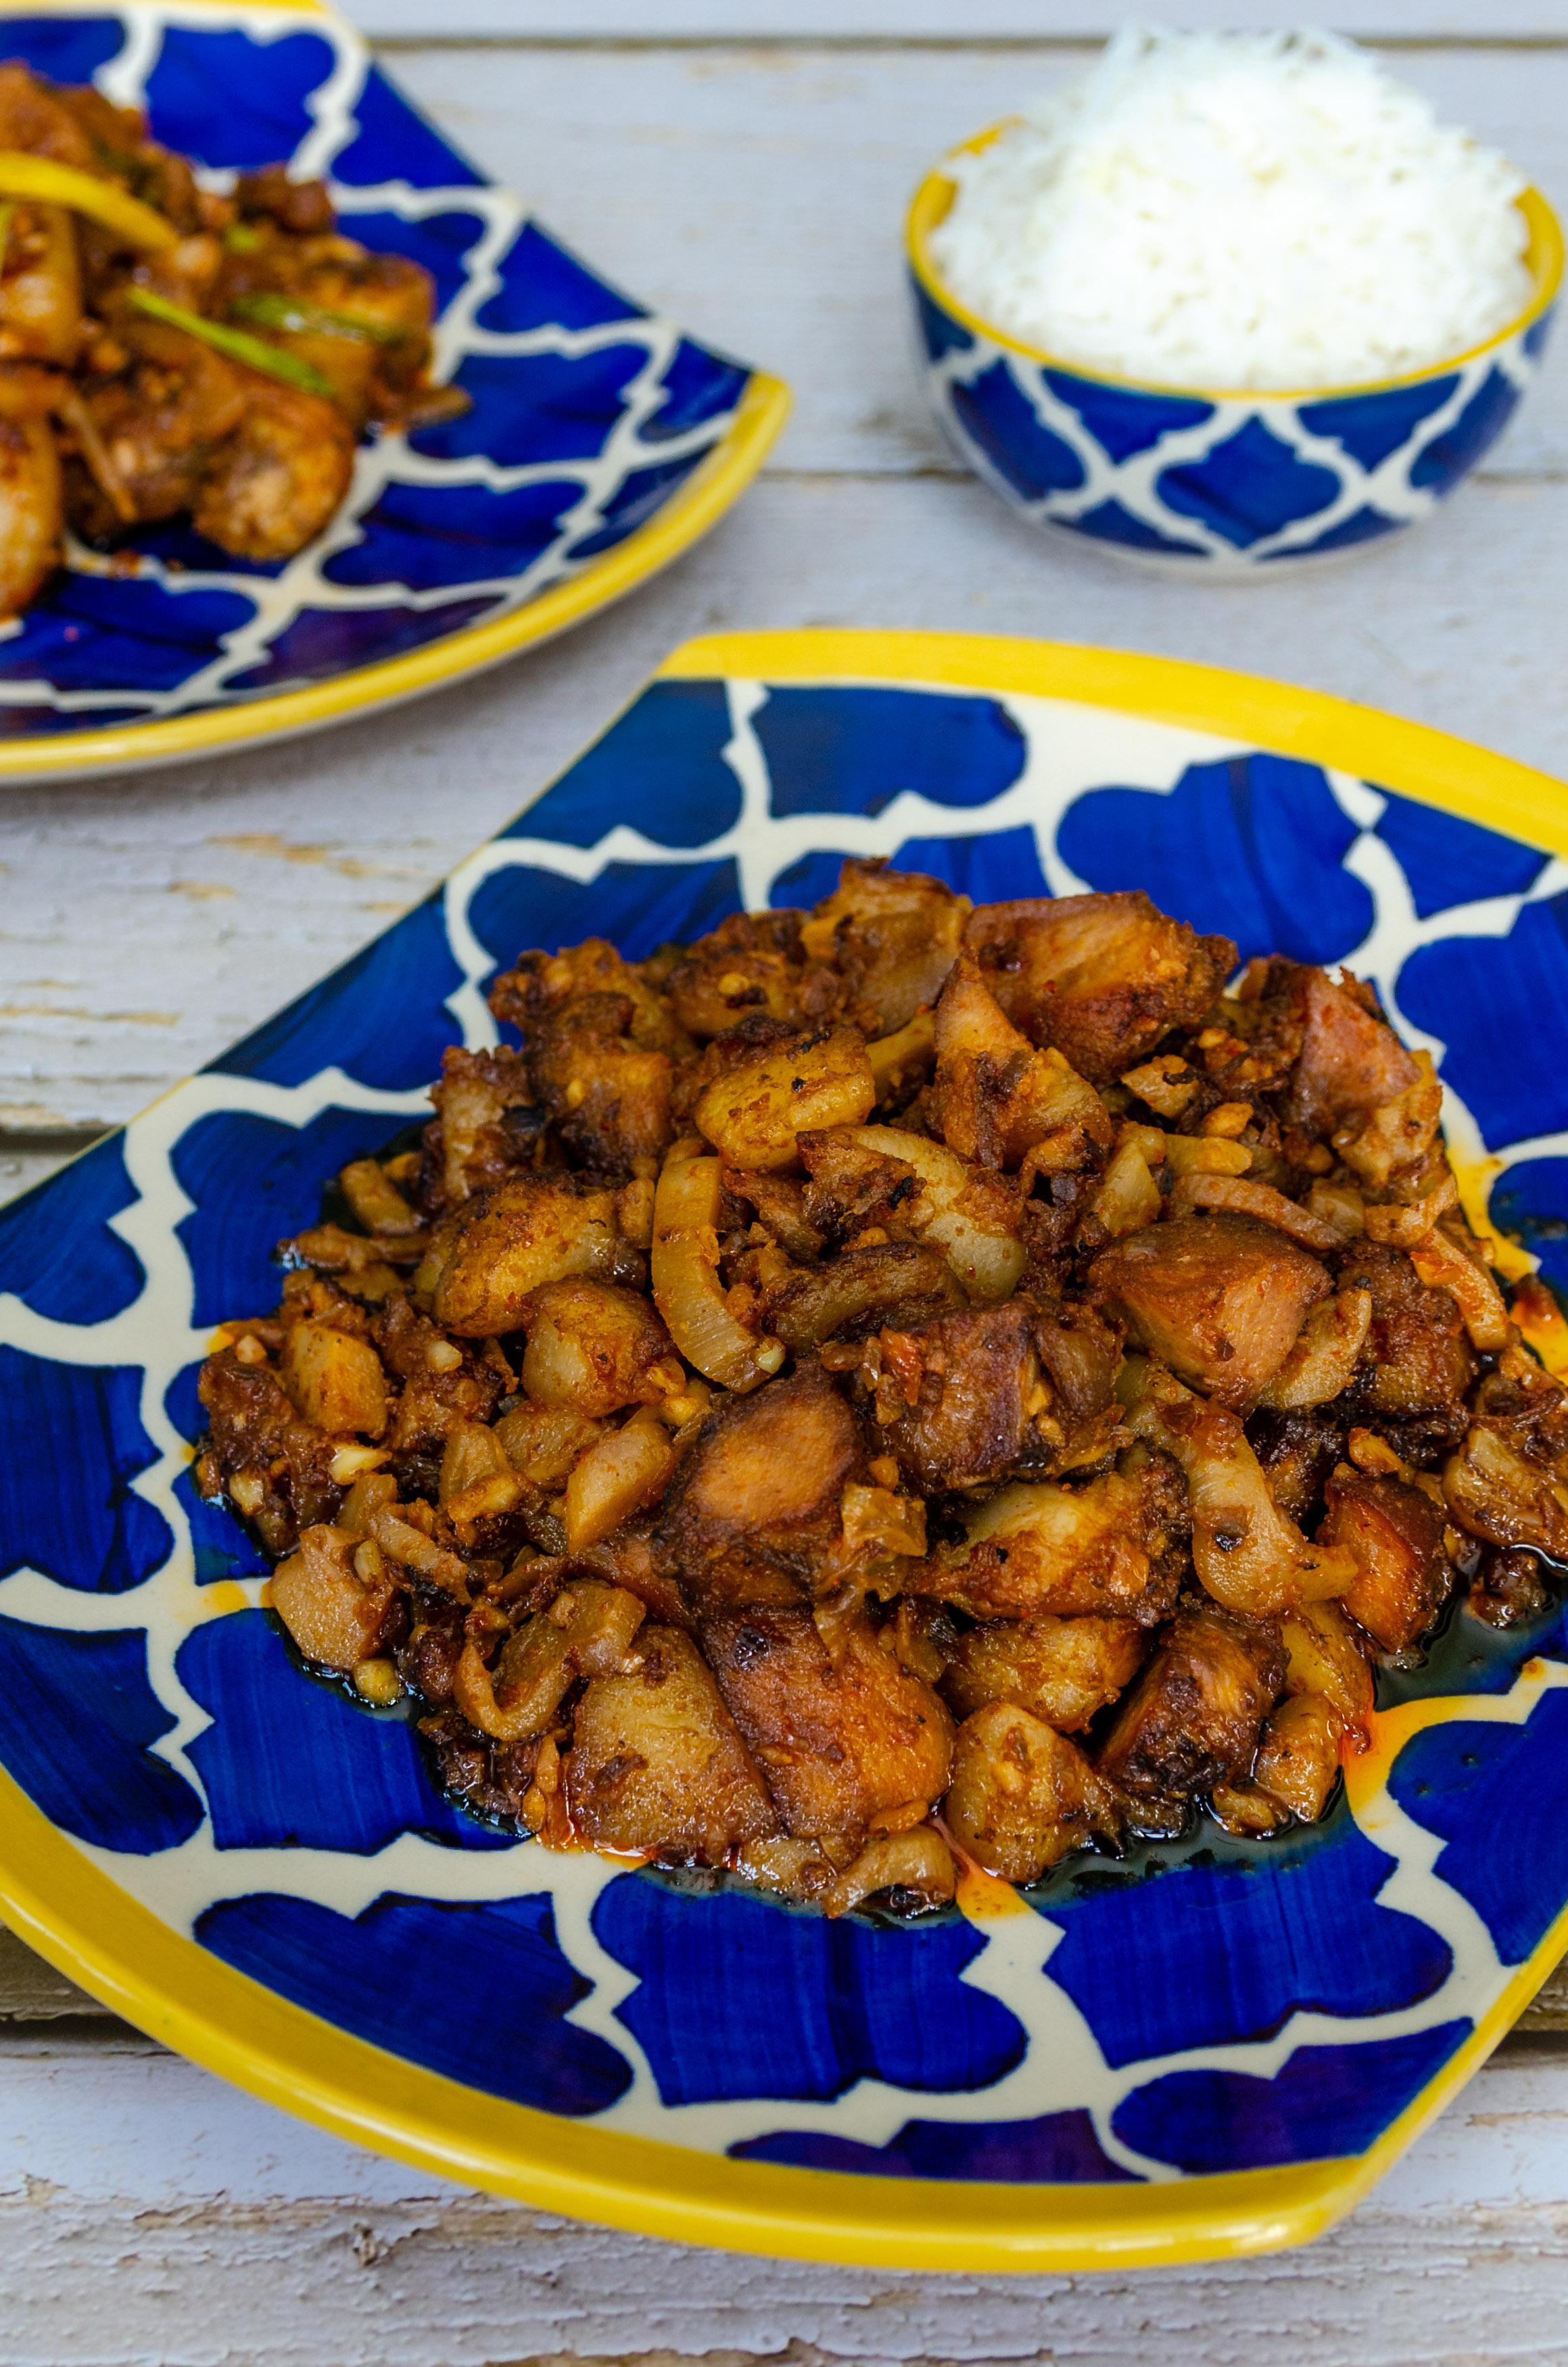 Sunga Pork, Pork cooked inside Bamboo Tube, Let's Poaka. Kolkata